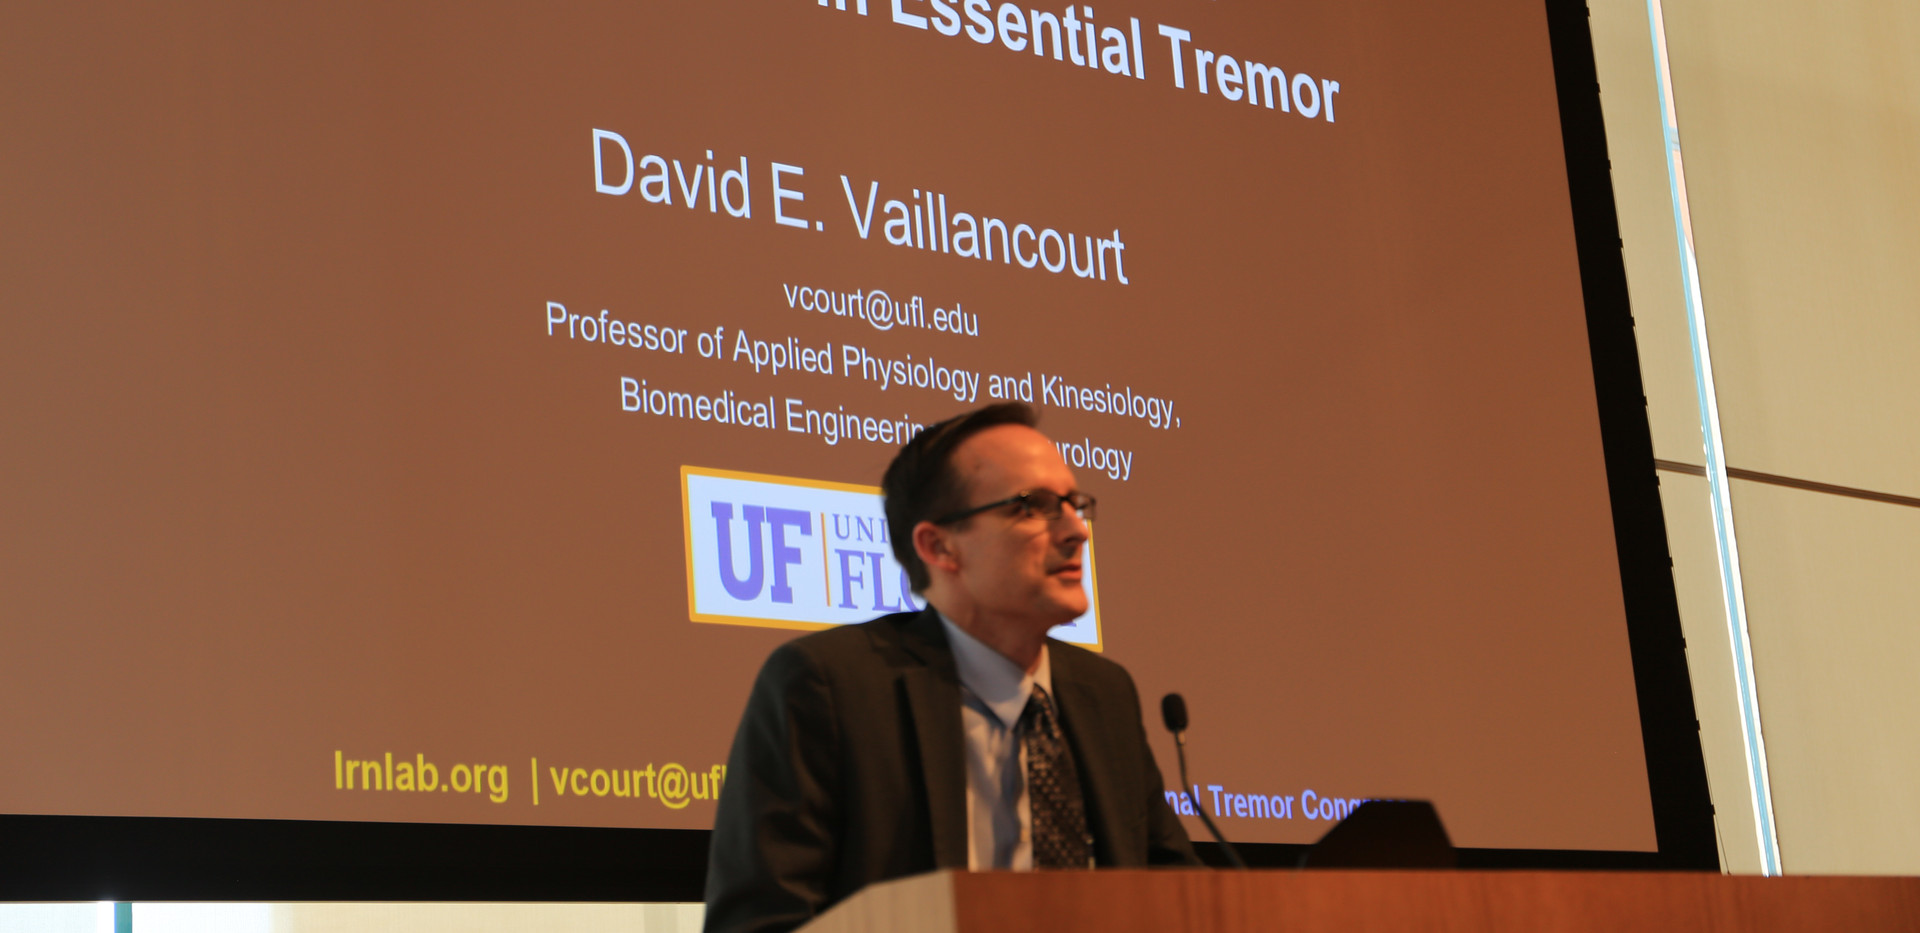 Speaker_david E Valliancourt.JPG